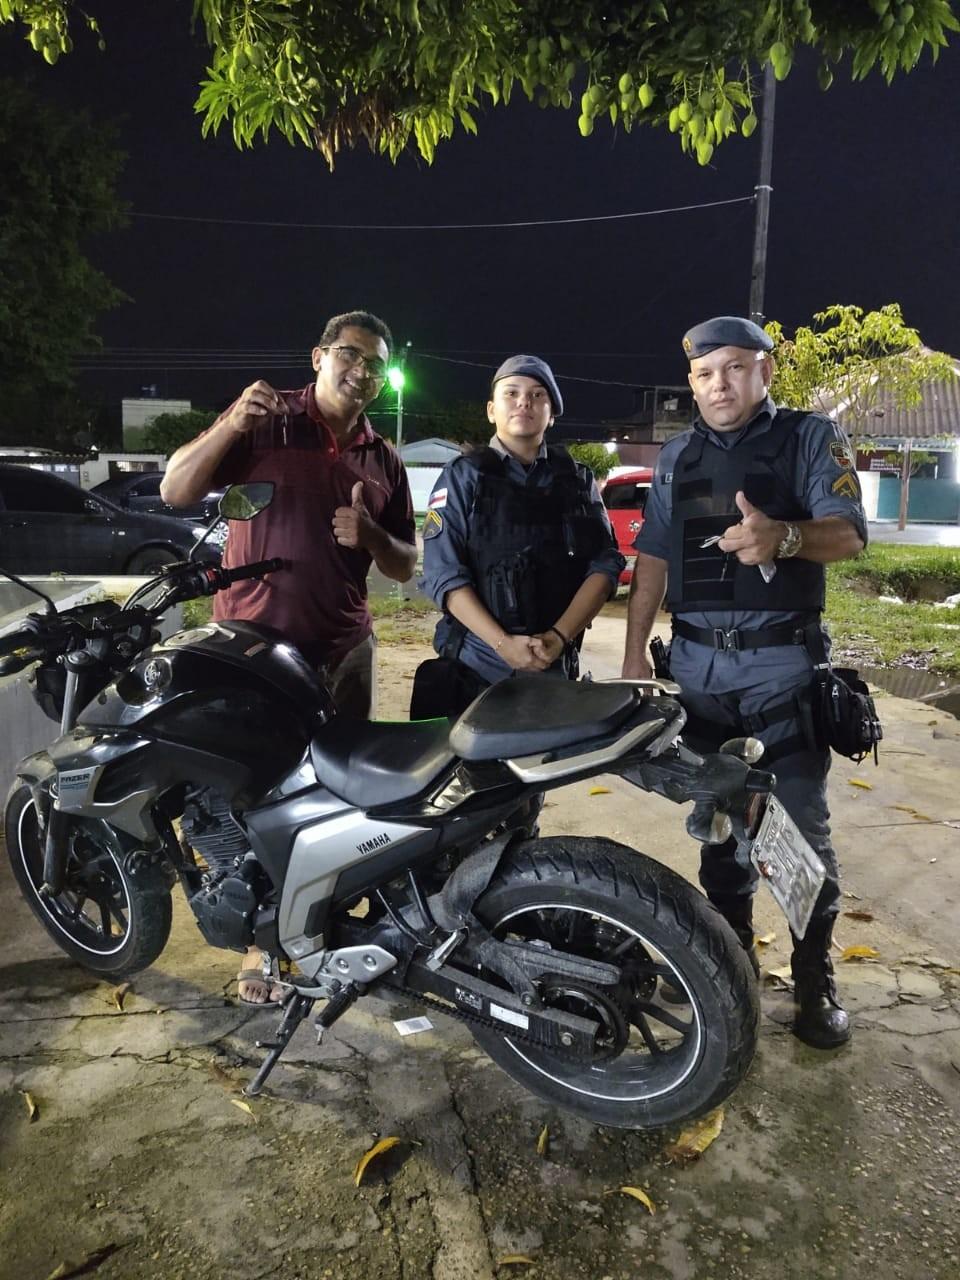 Ações recuperam 13 veículos roubados no fim de semana em Manaus - Notícias - Plantão Diário